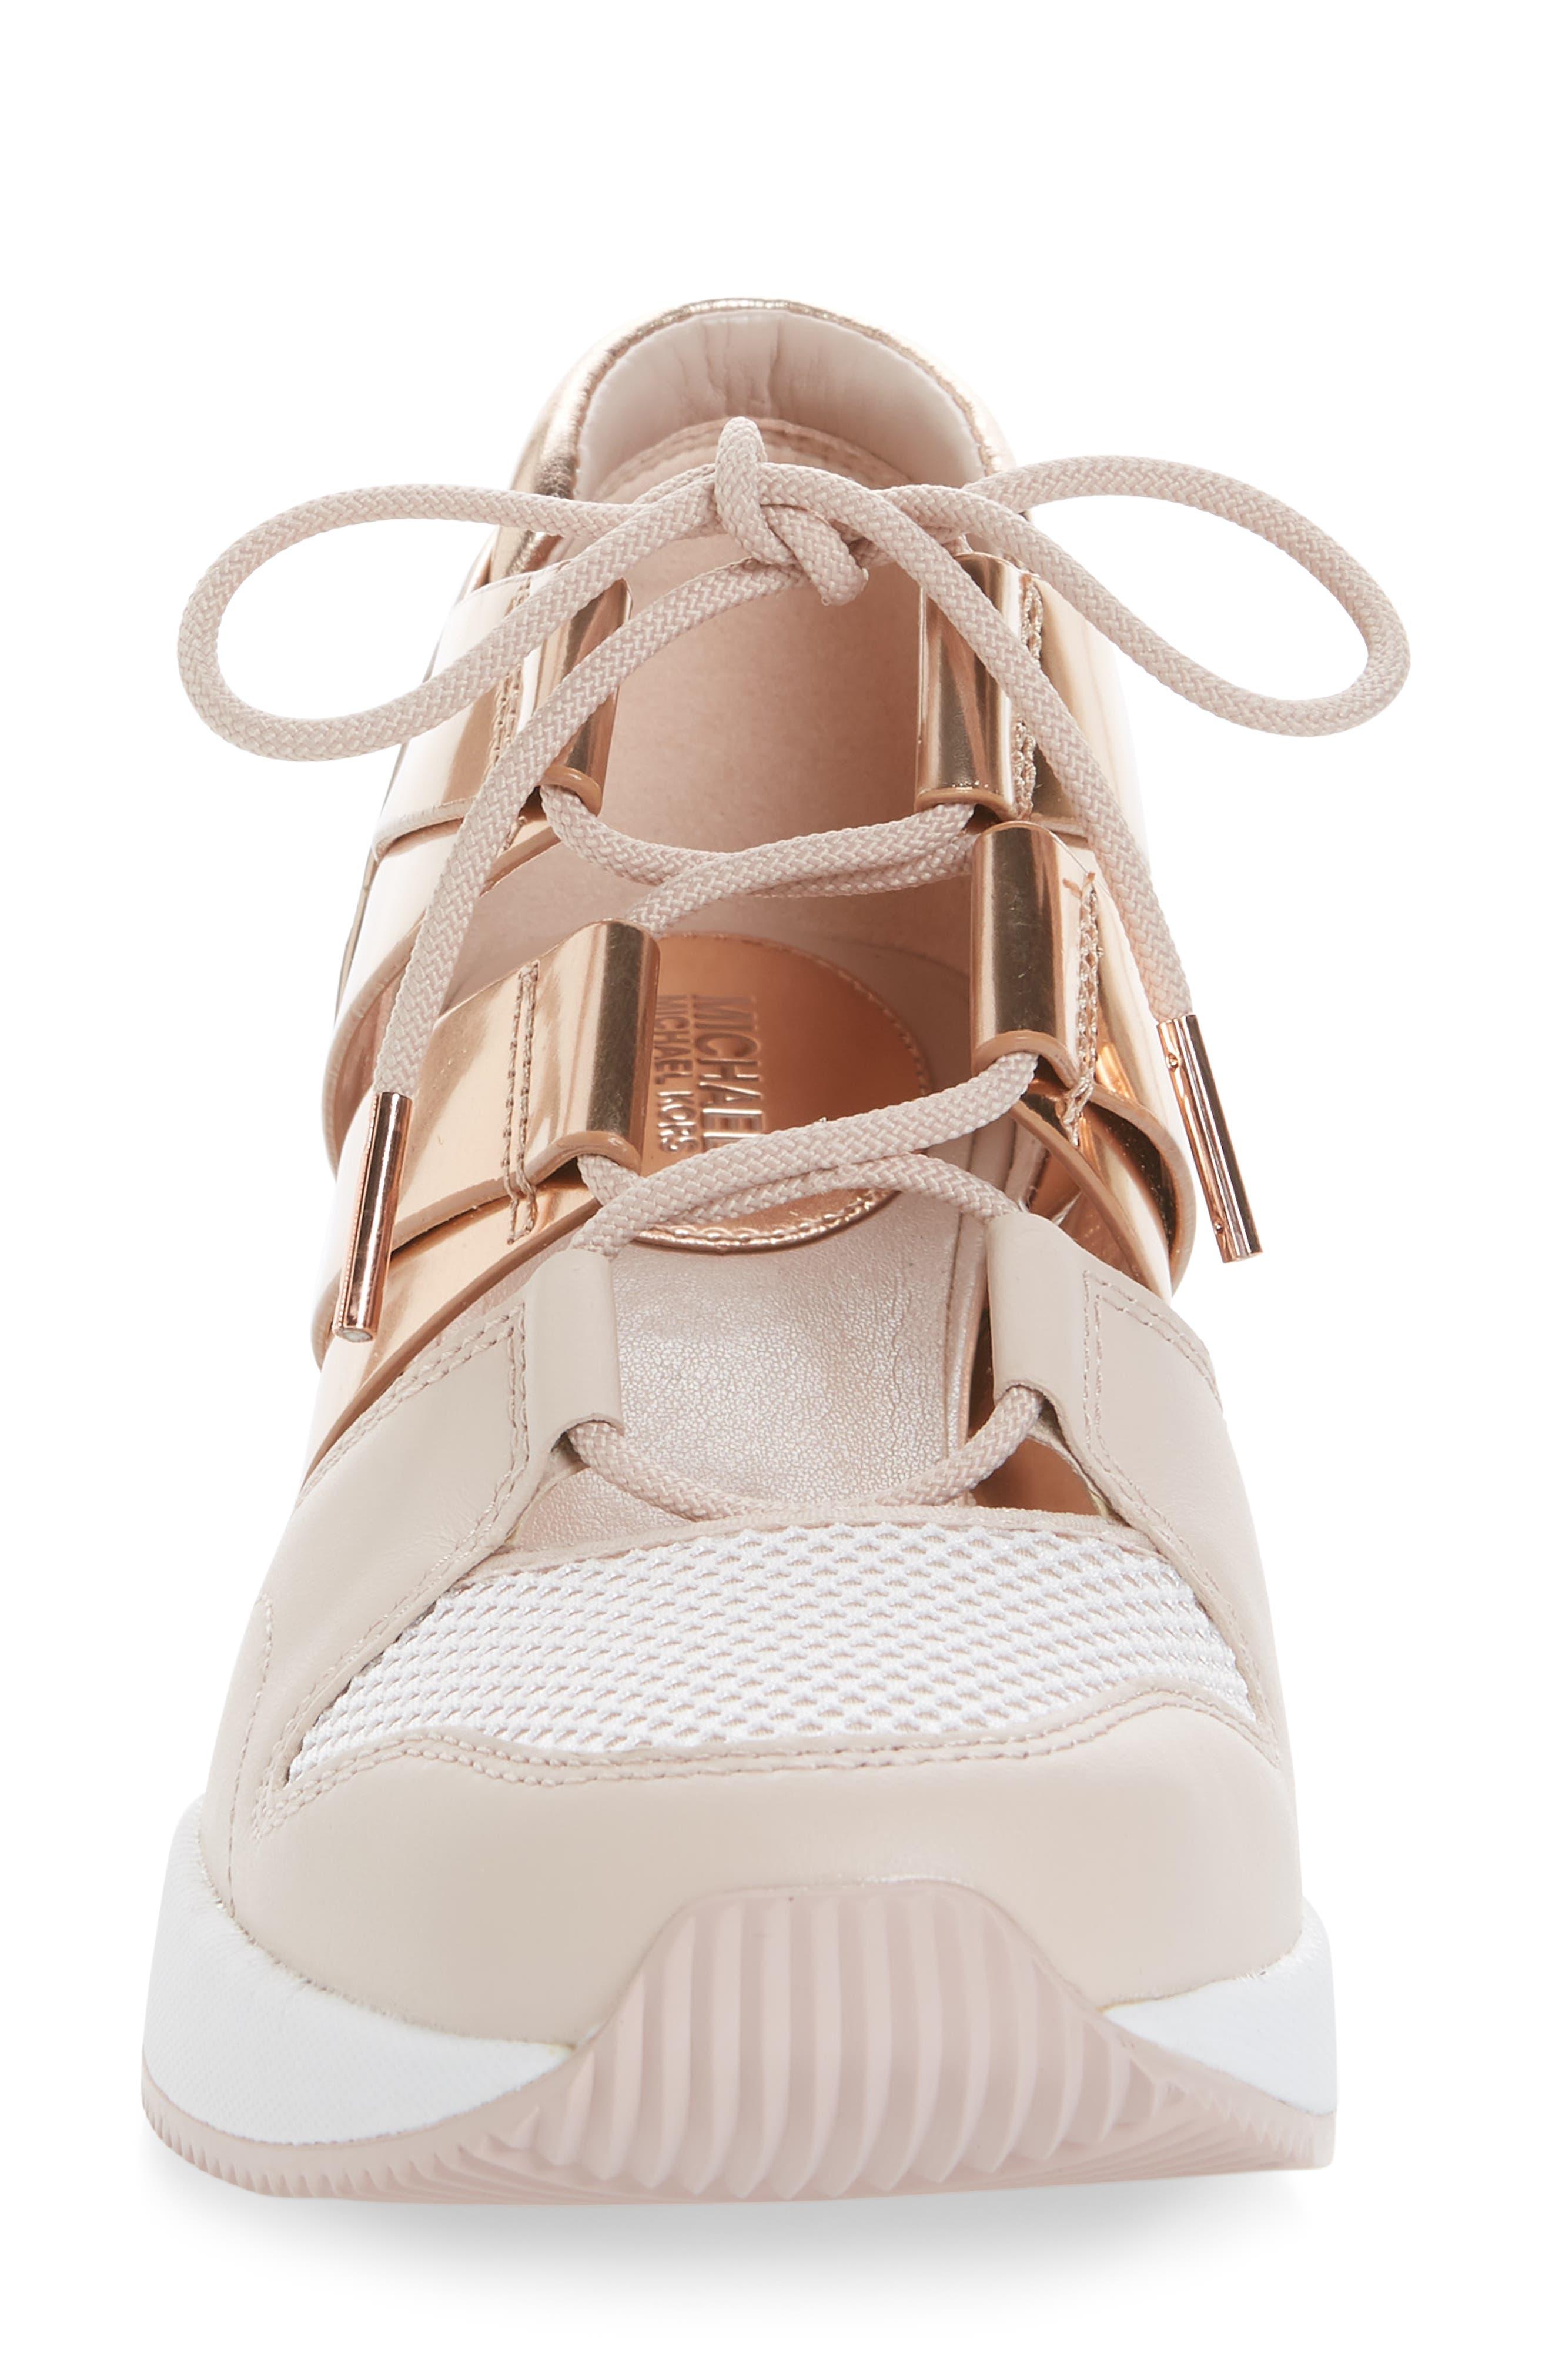 Beckett Sneaker,                             Alternate thumbnail 4, color,                             Gold